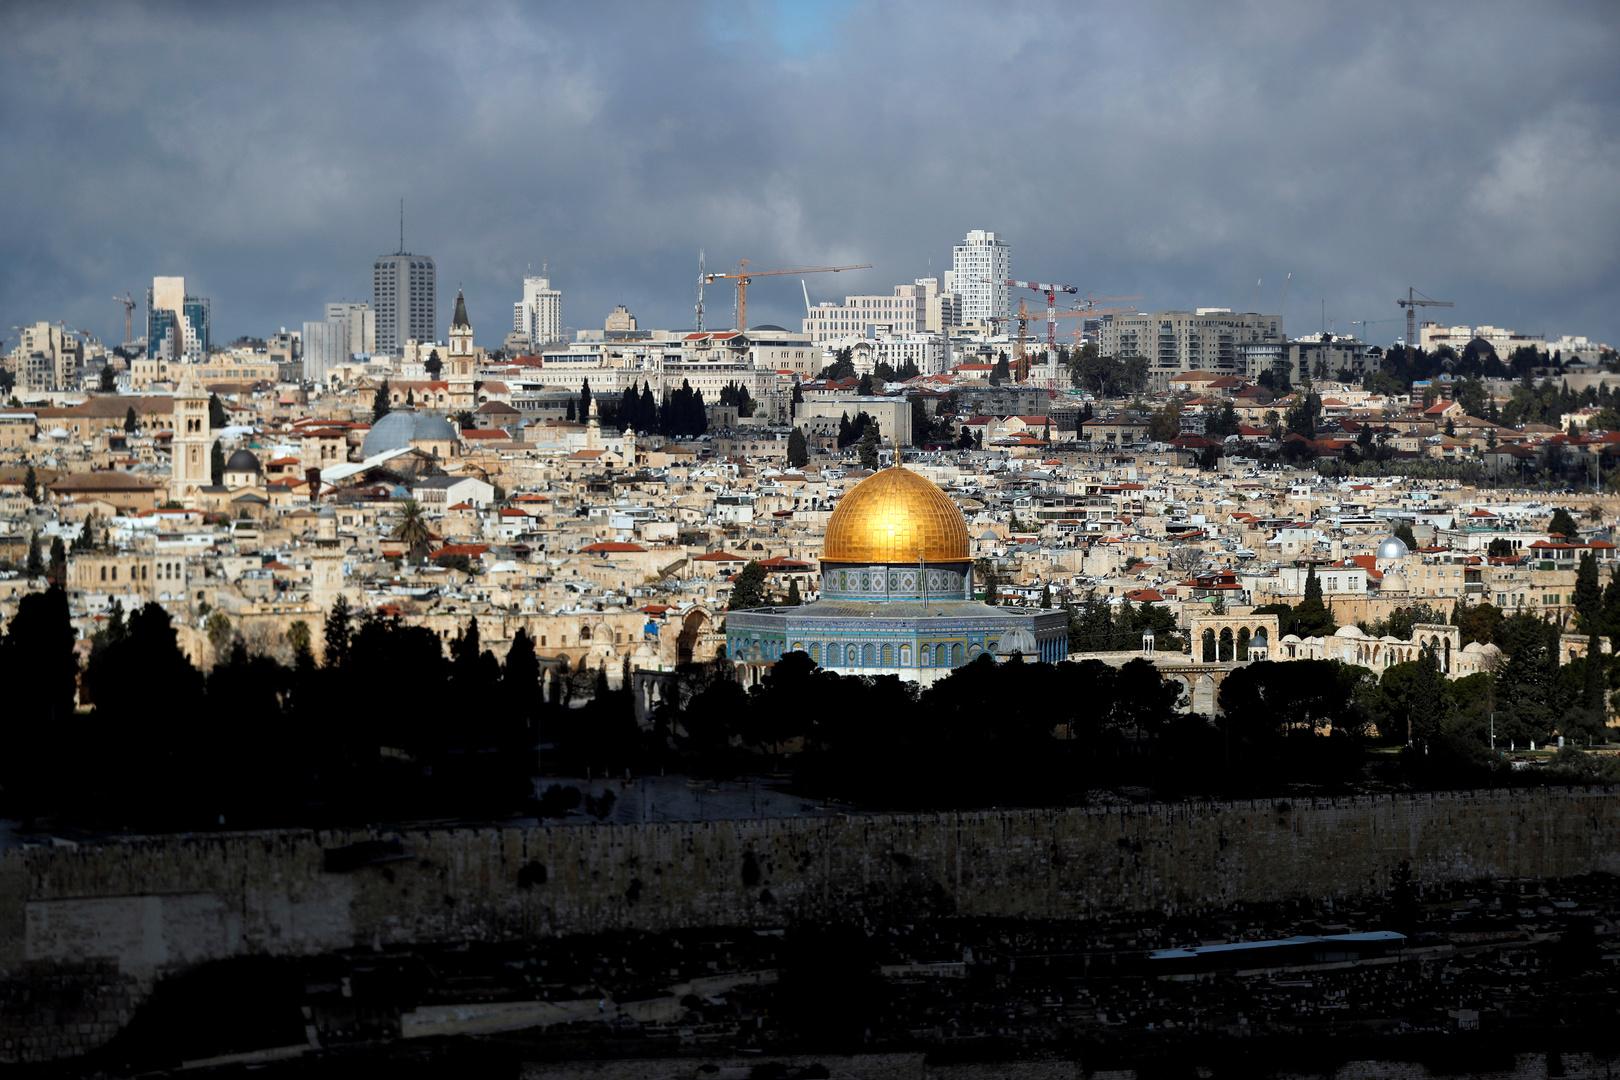 وزير فلسطيني: نثمن الموقف الأمريكي الذي يدعو إسرائيل إلى وقف هدم البيوت في القدس الشرقية